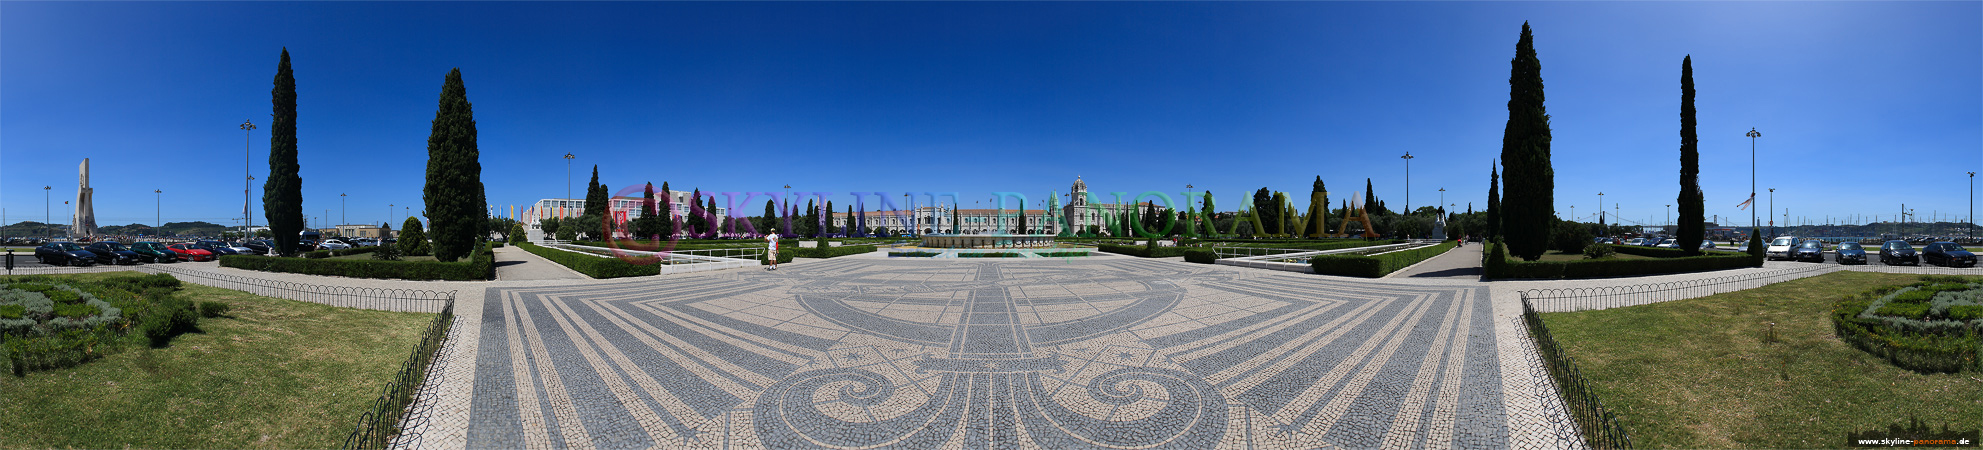 Portugal Bilder Lissabon - Der Praça do Império mit dem Kloster des Jerónimos im Hintergrund.